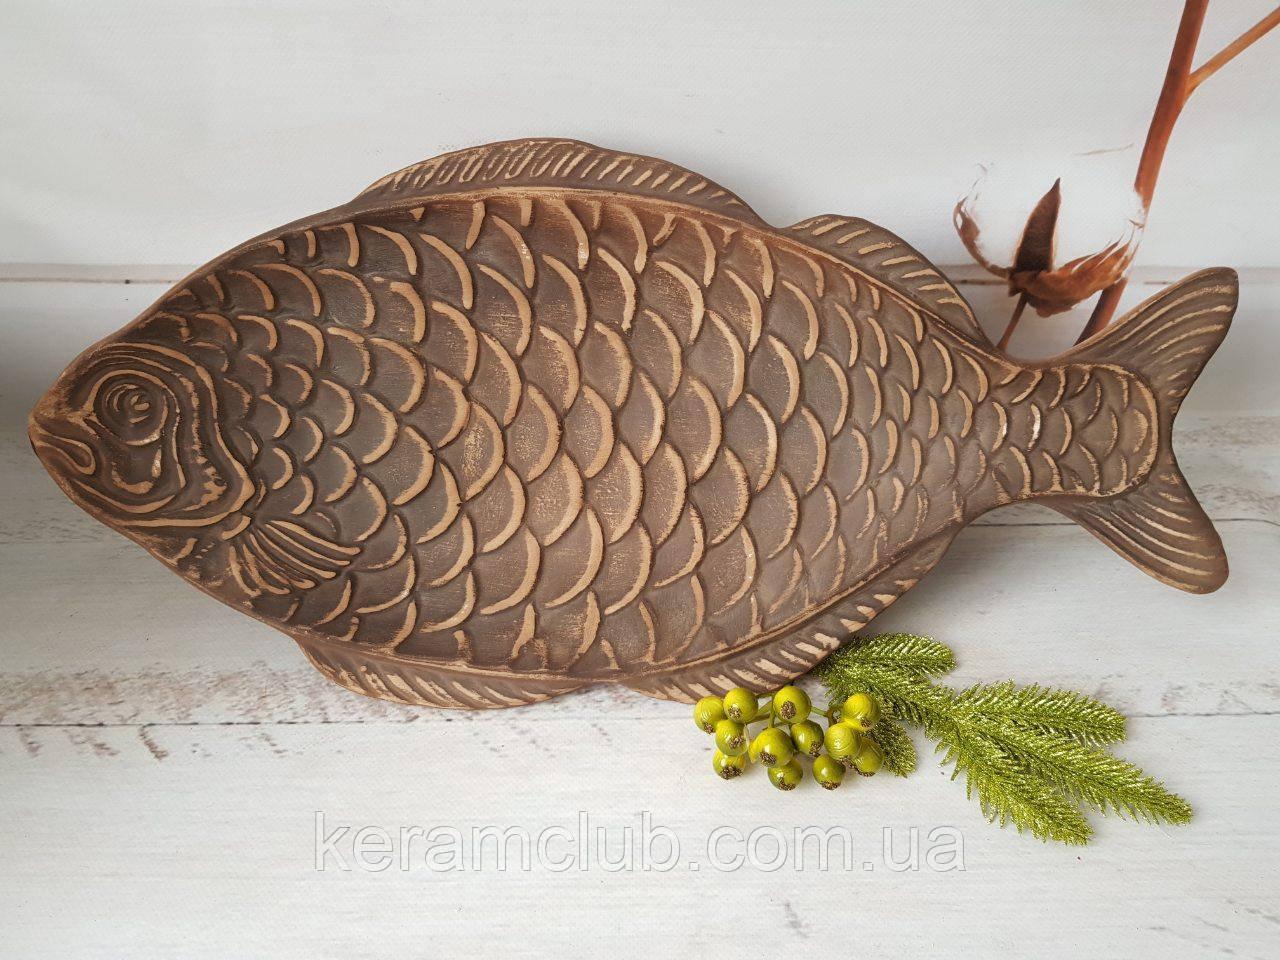 Селедочница большая рыбка